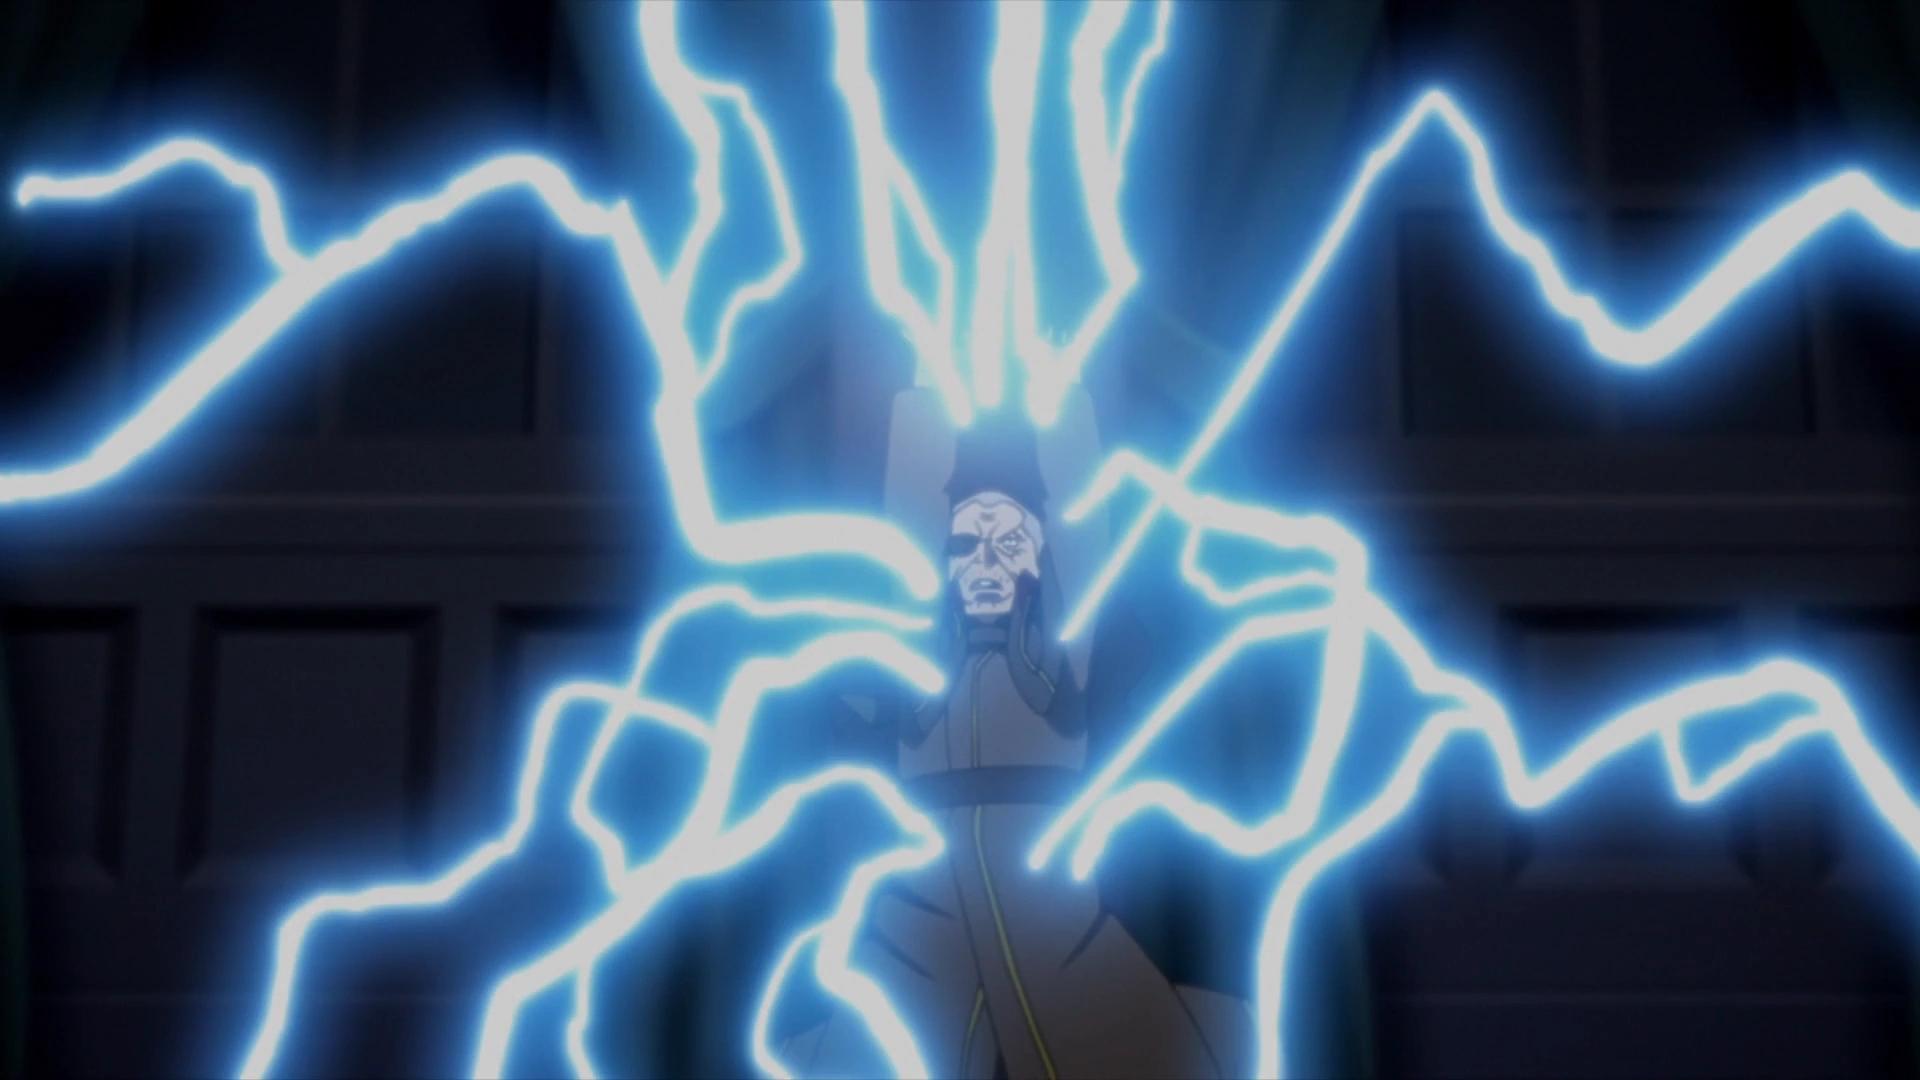 Elemento Rayo: Formación Celestial de Rayo